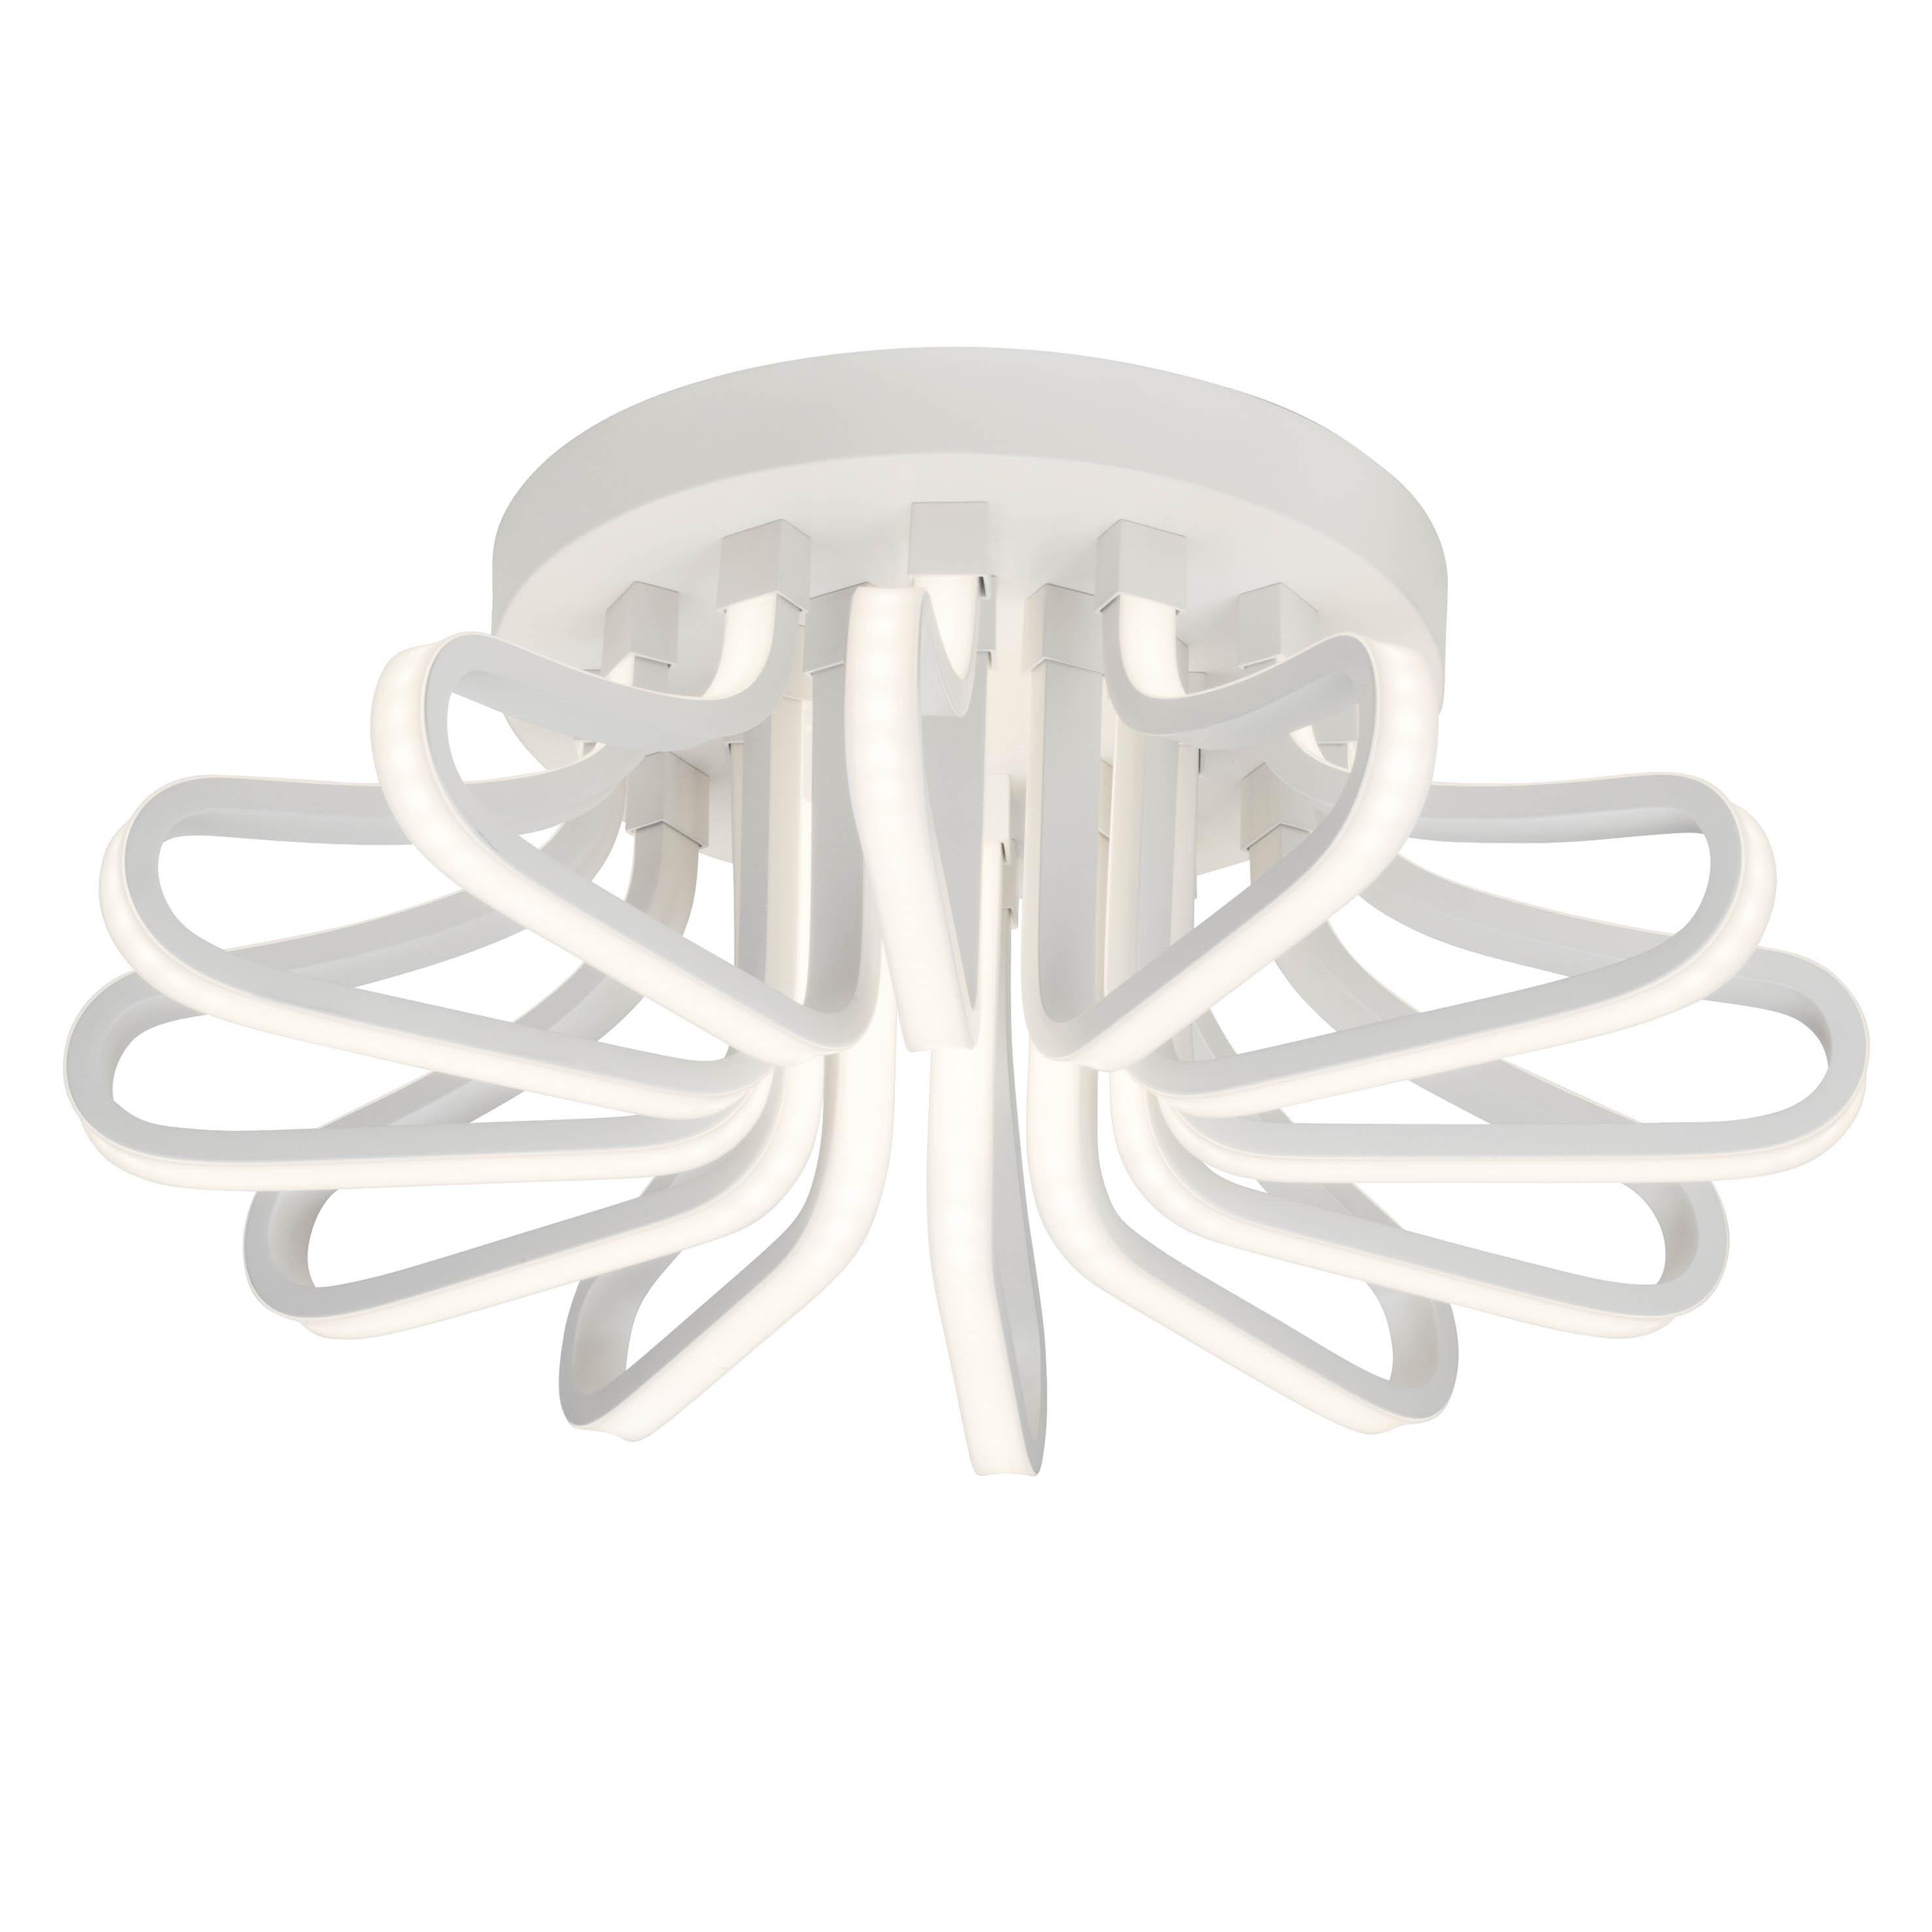 AEG Tressa LED Deckenleuchte 55cm weiß